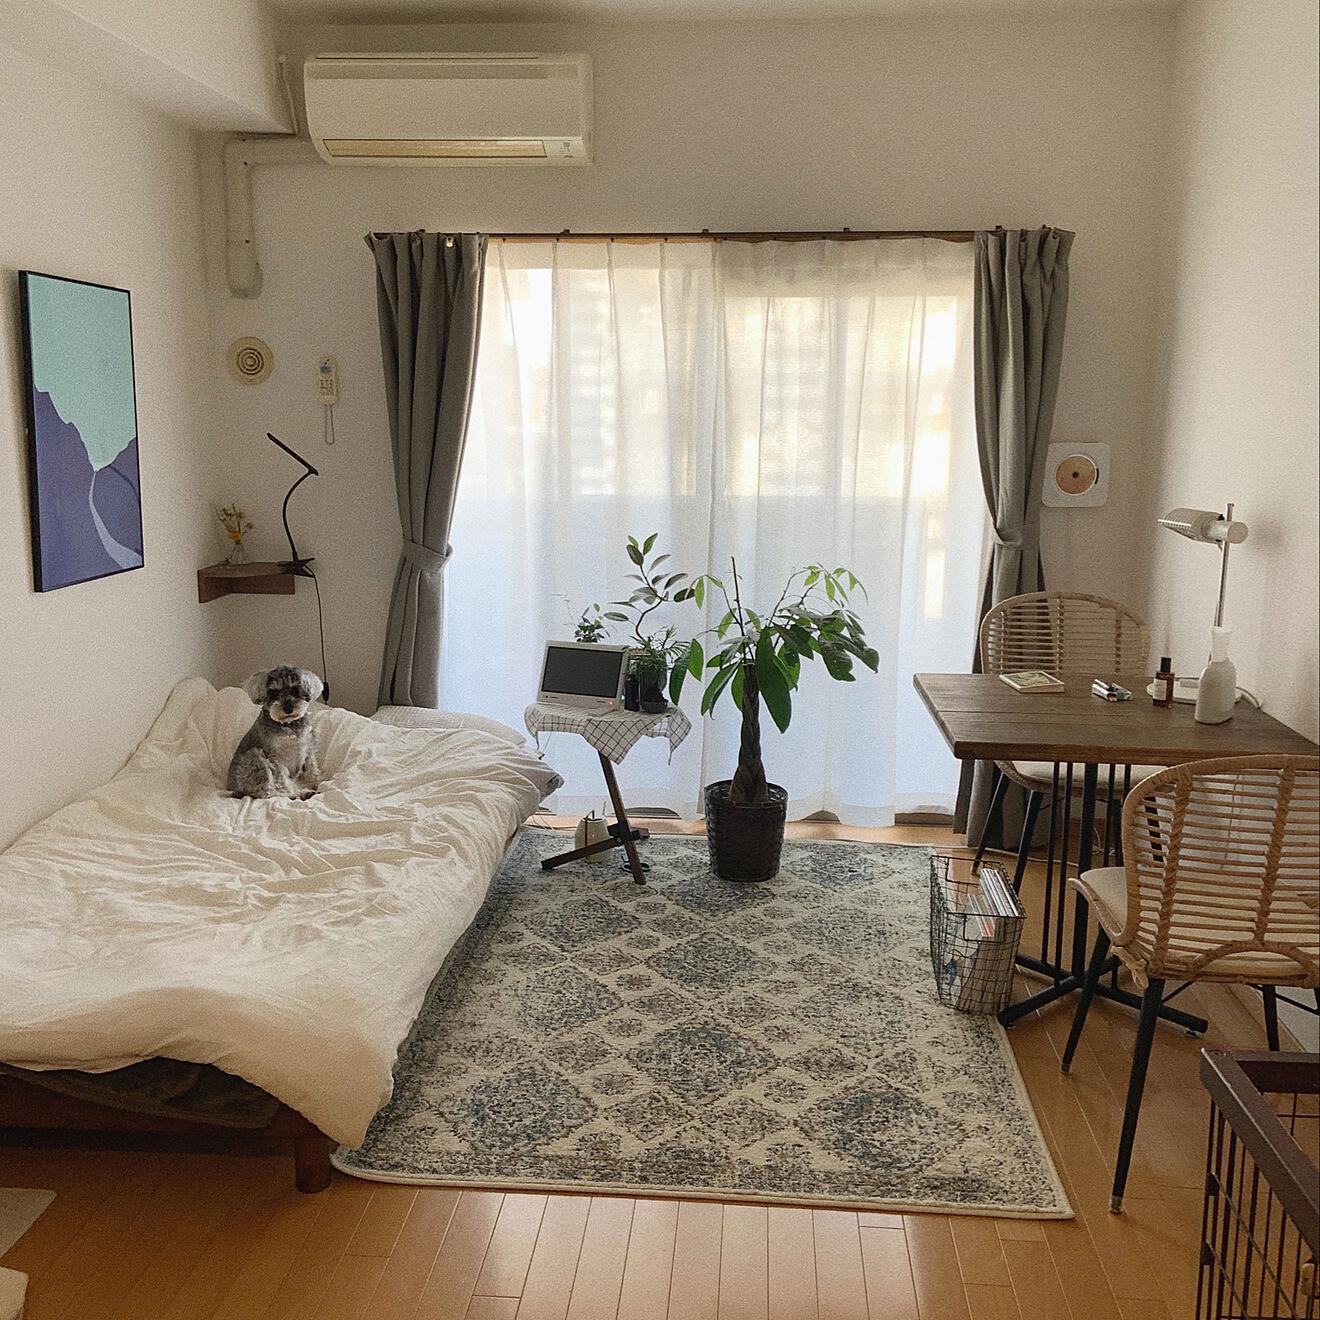 「25m2。シンプルさの中で組み合わせの自由を楽しむ、味のあるお部屋づくり」 by muuさん